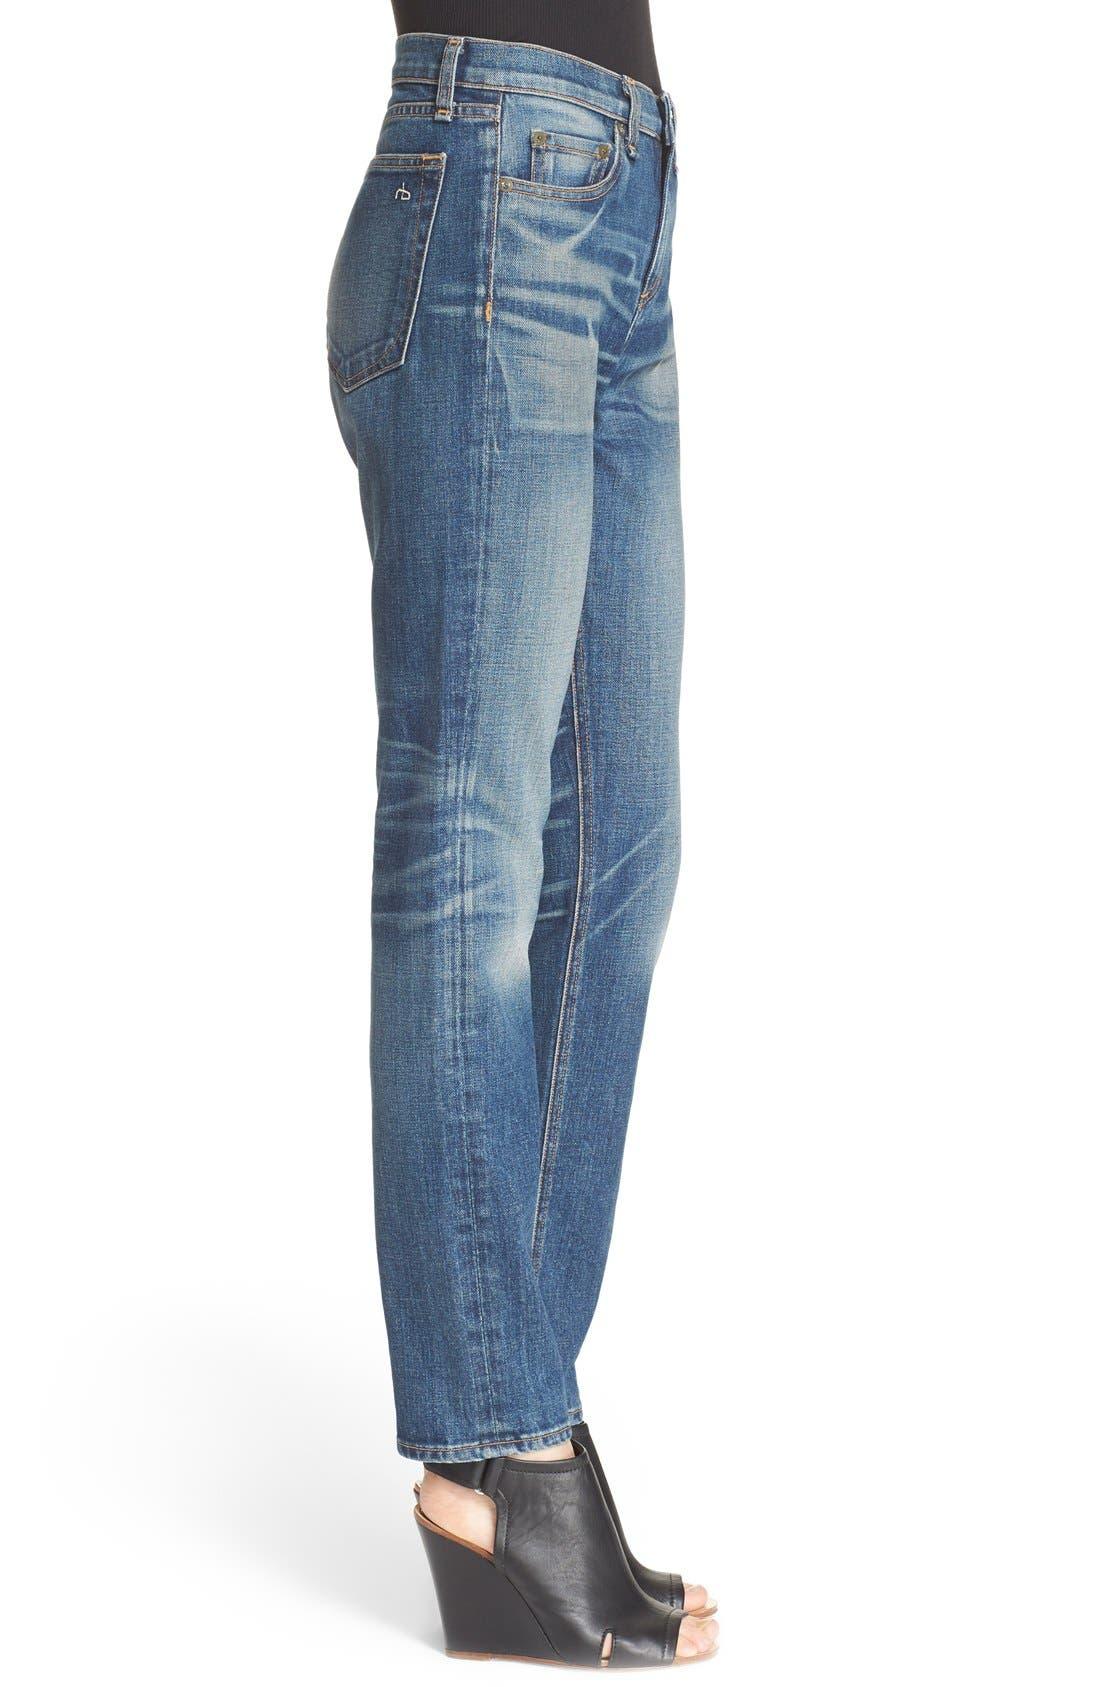 Alternate Image 3  - rag & bone/JEAN 'Dre' High Rise Boyfriend Skinny Jeans (Exeter)